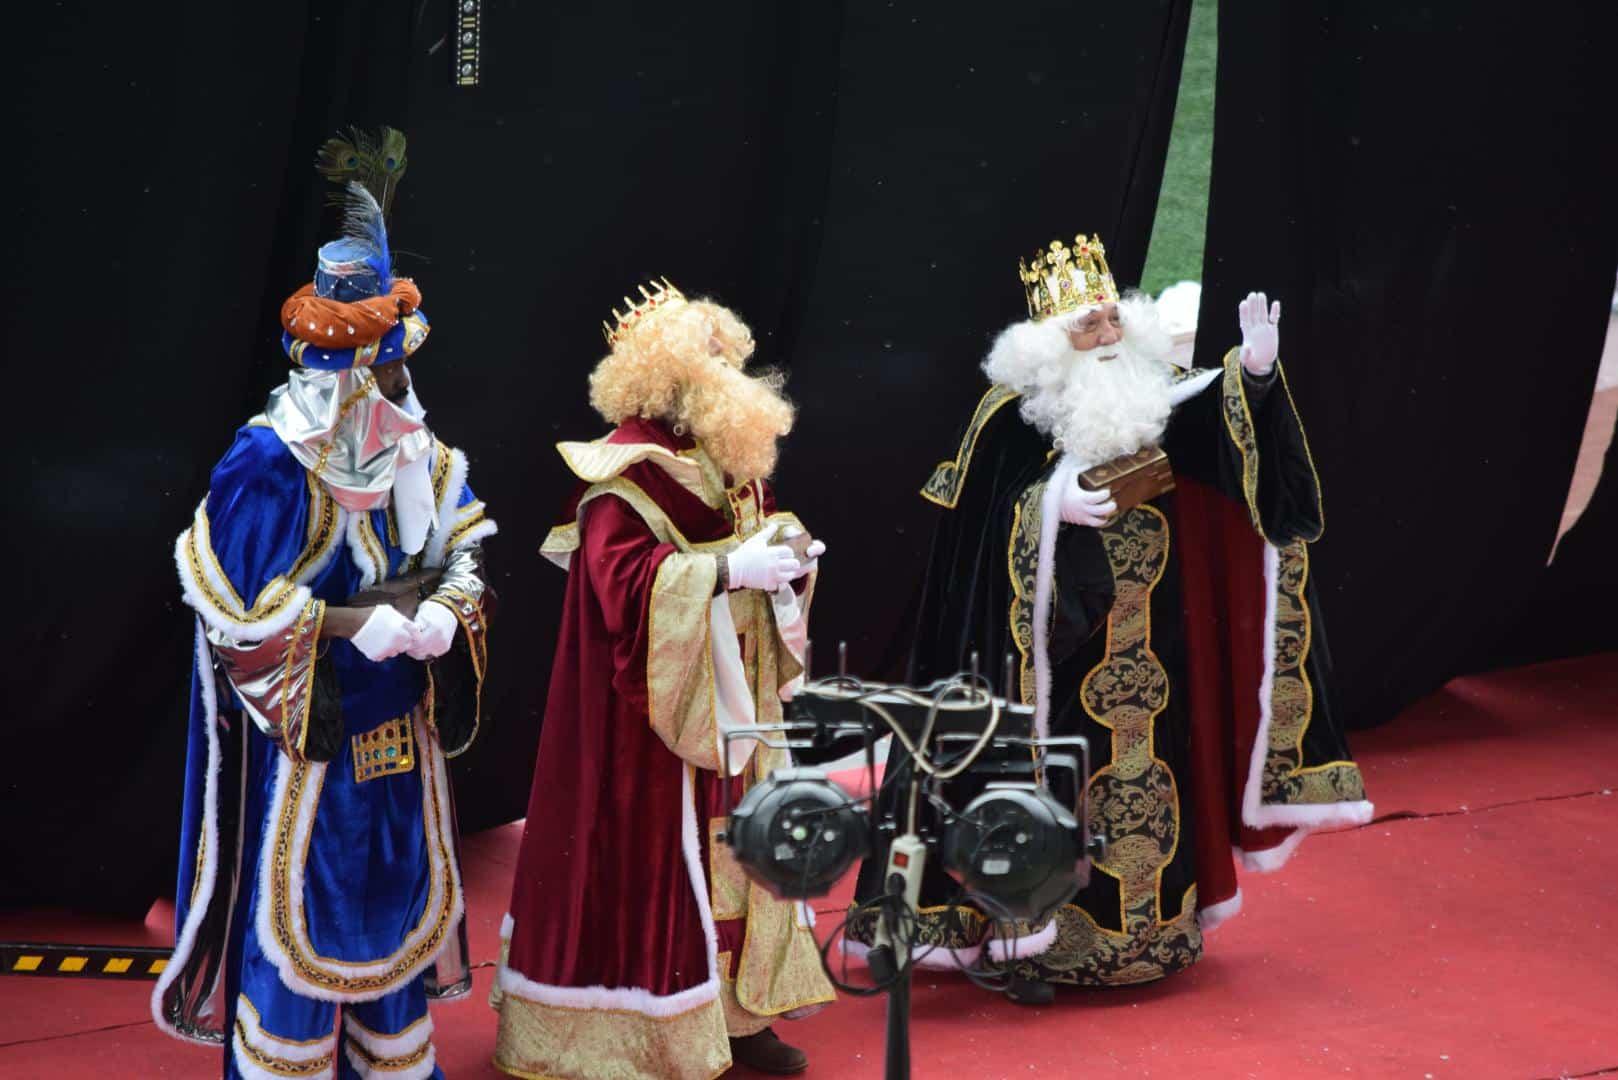 FOTOS: La magia de los Reyes Magos llega a Haro 40